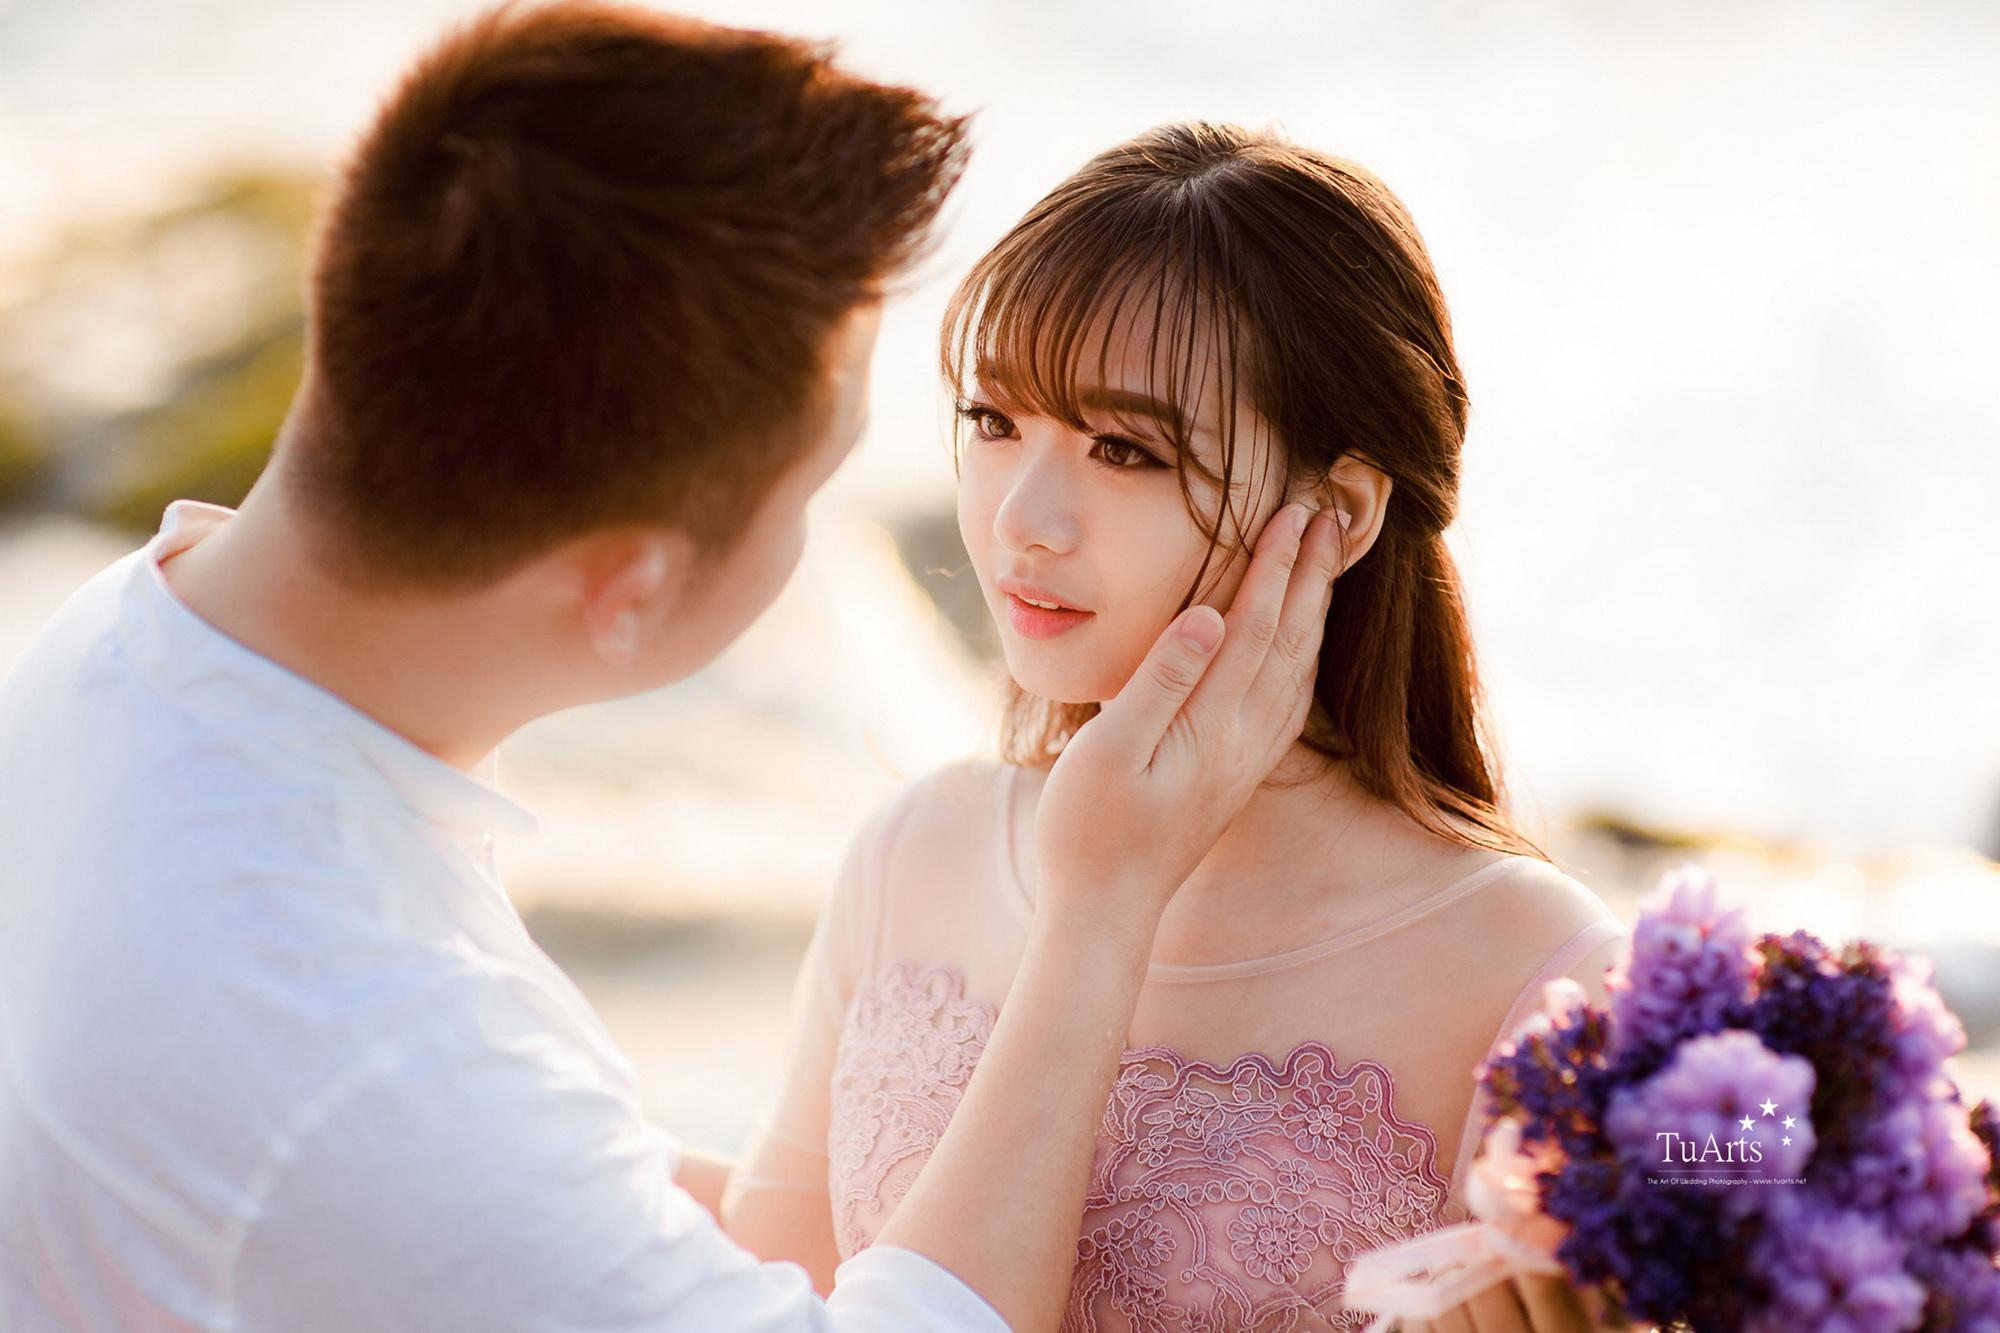 Là vợ chồng, đừng vội nói một câu chán nhau mà cả đời phải ly tán - Ảnh 1